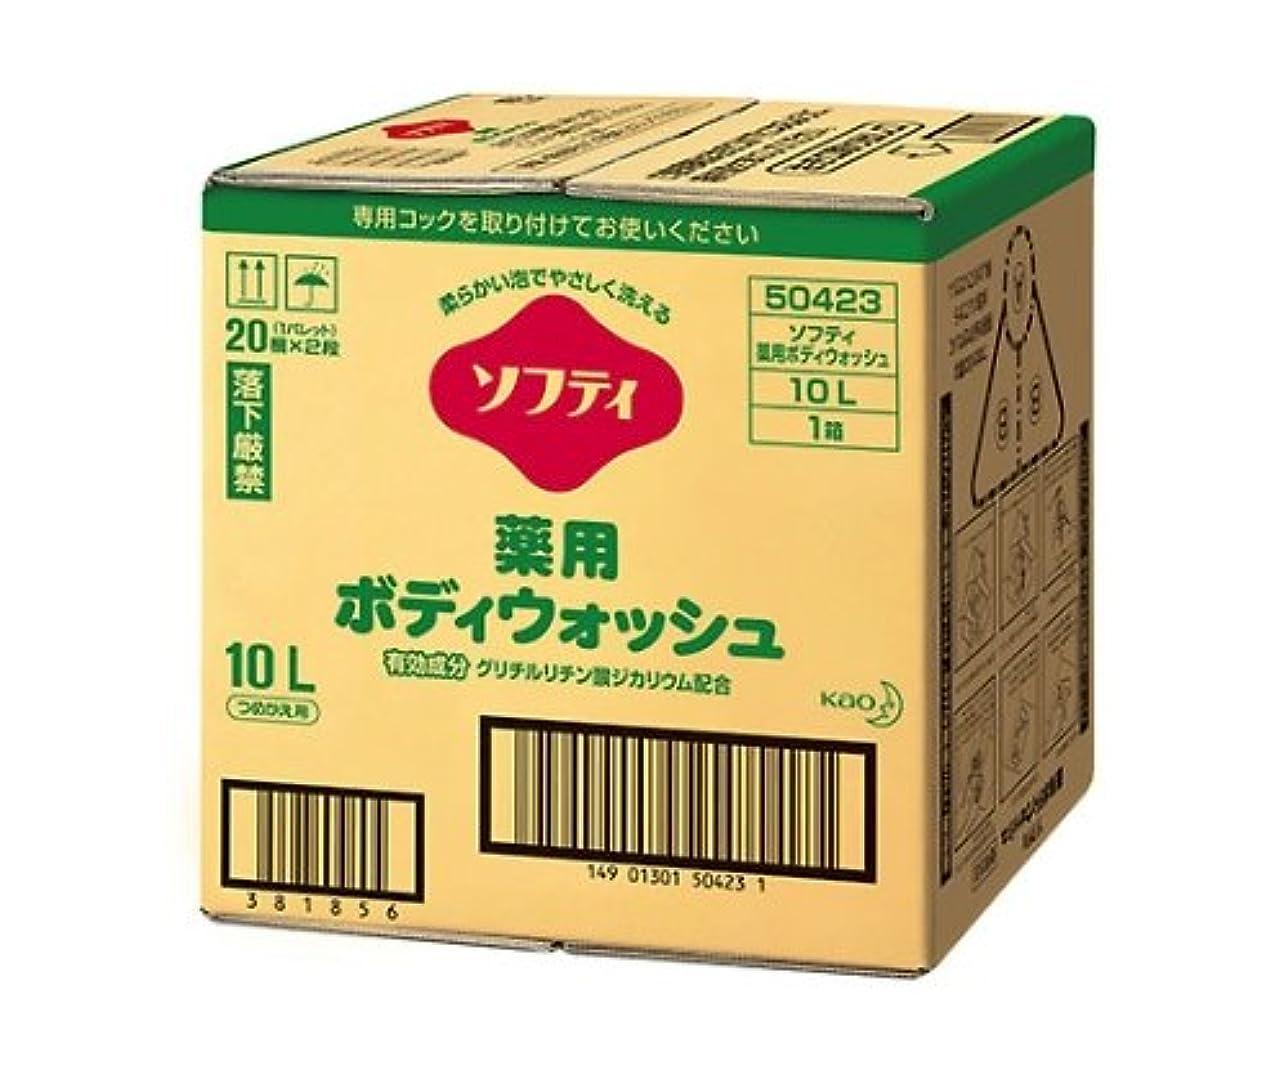 とは異なり伝える相反する花王61-8510-03ソフティ薬用ボディウォッシュ10Lバッグインボックスタイプ介護用